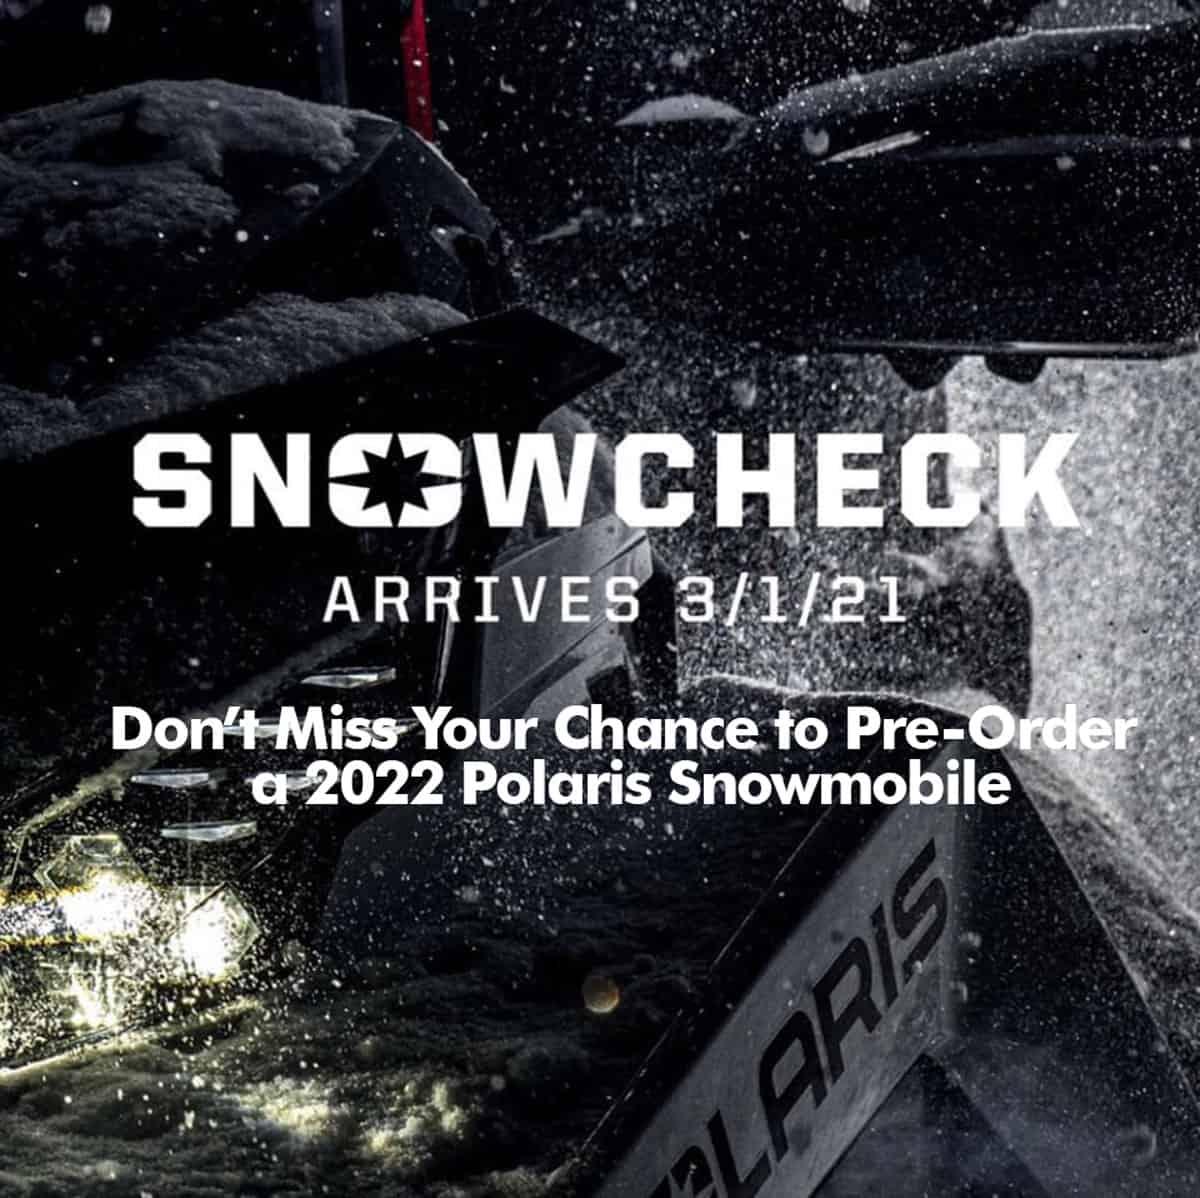 snowcheck ad